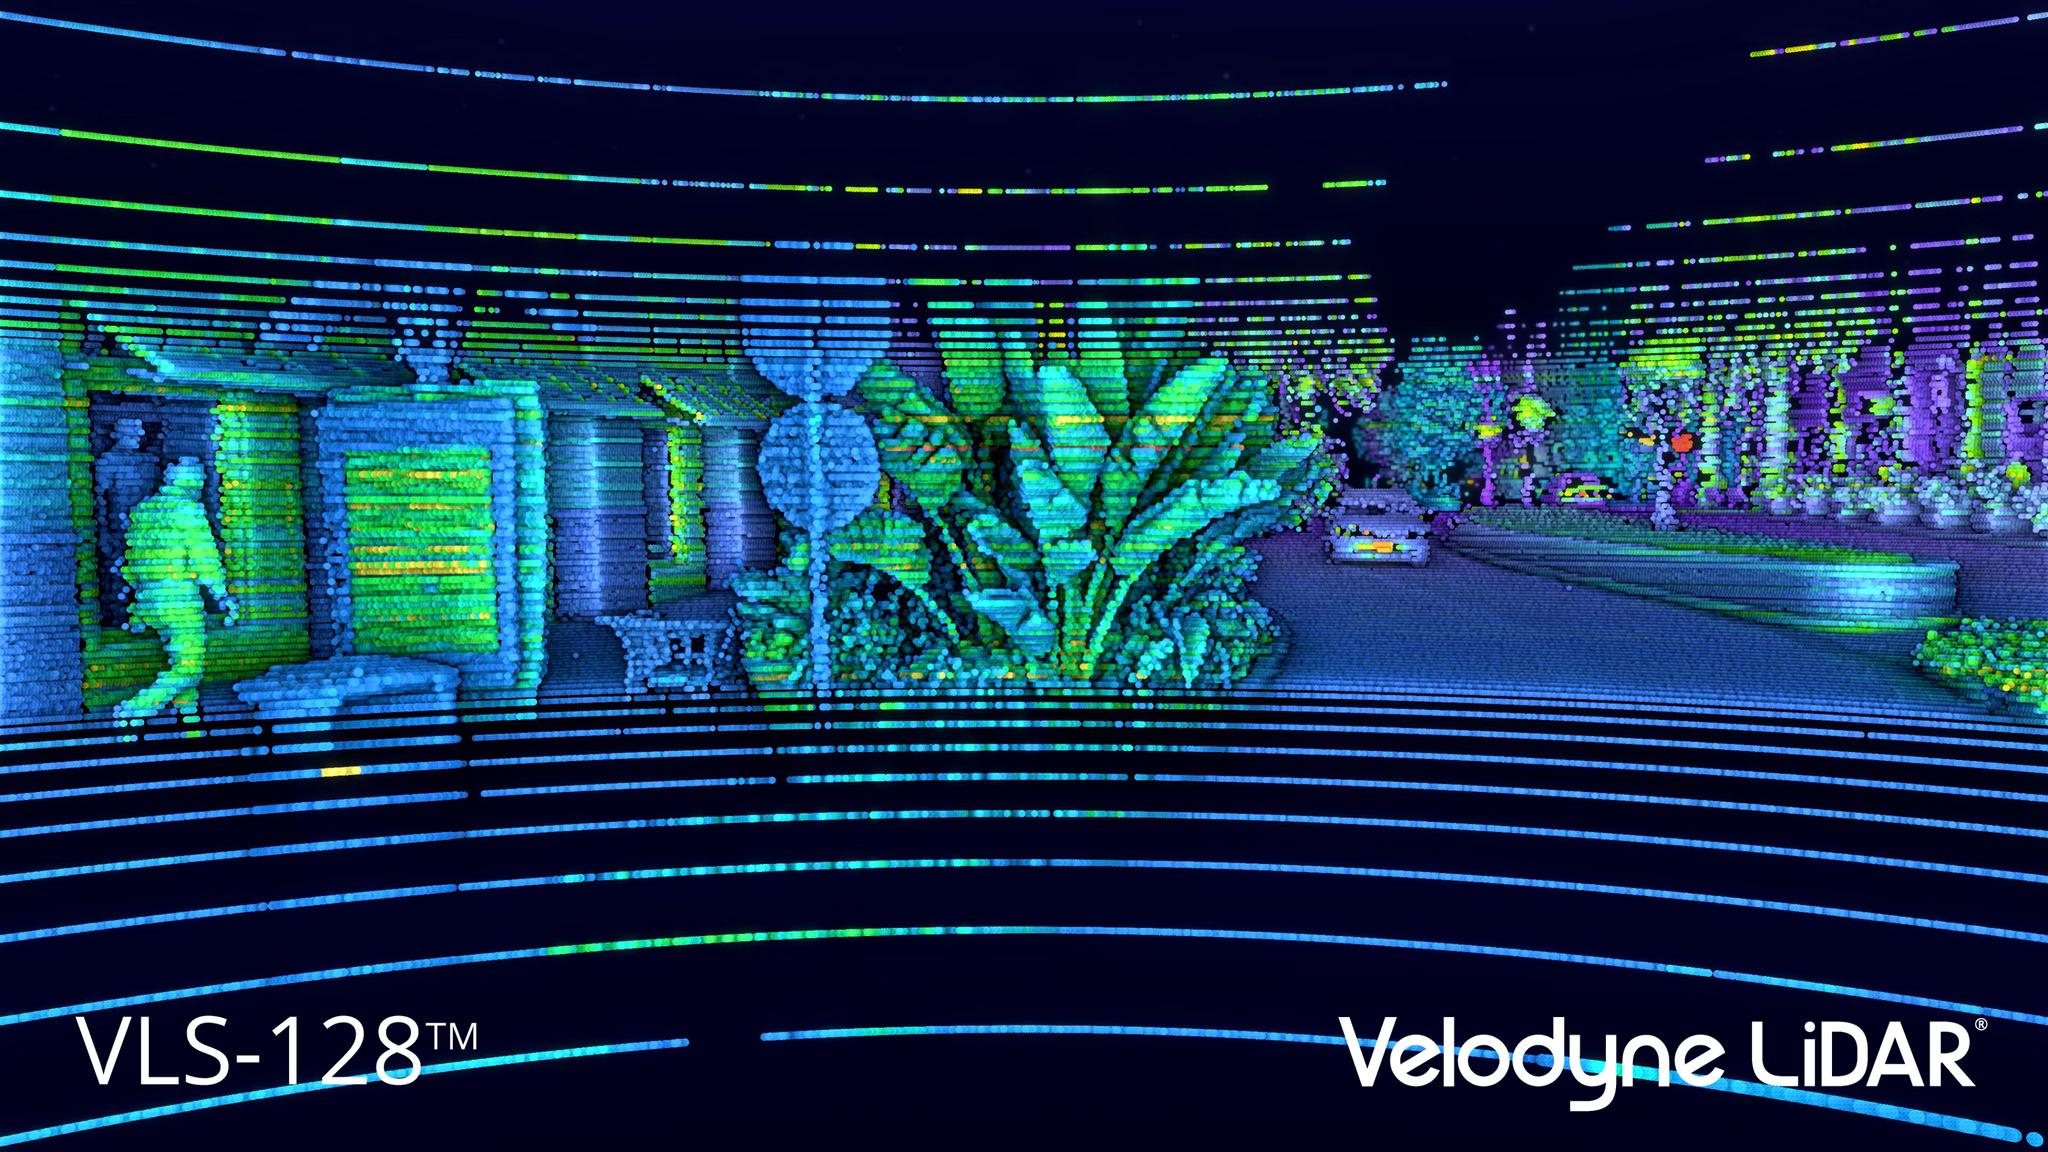 Velodyne Executive Addresses How Velodyne's Next Generation